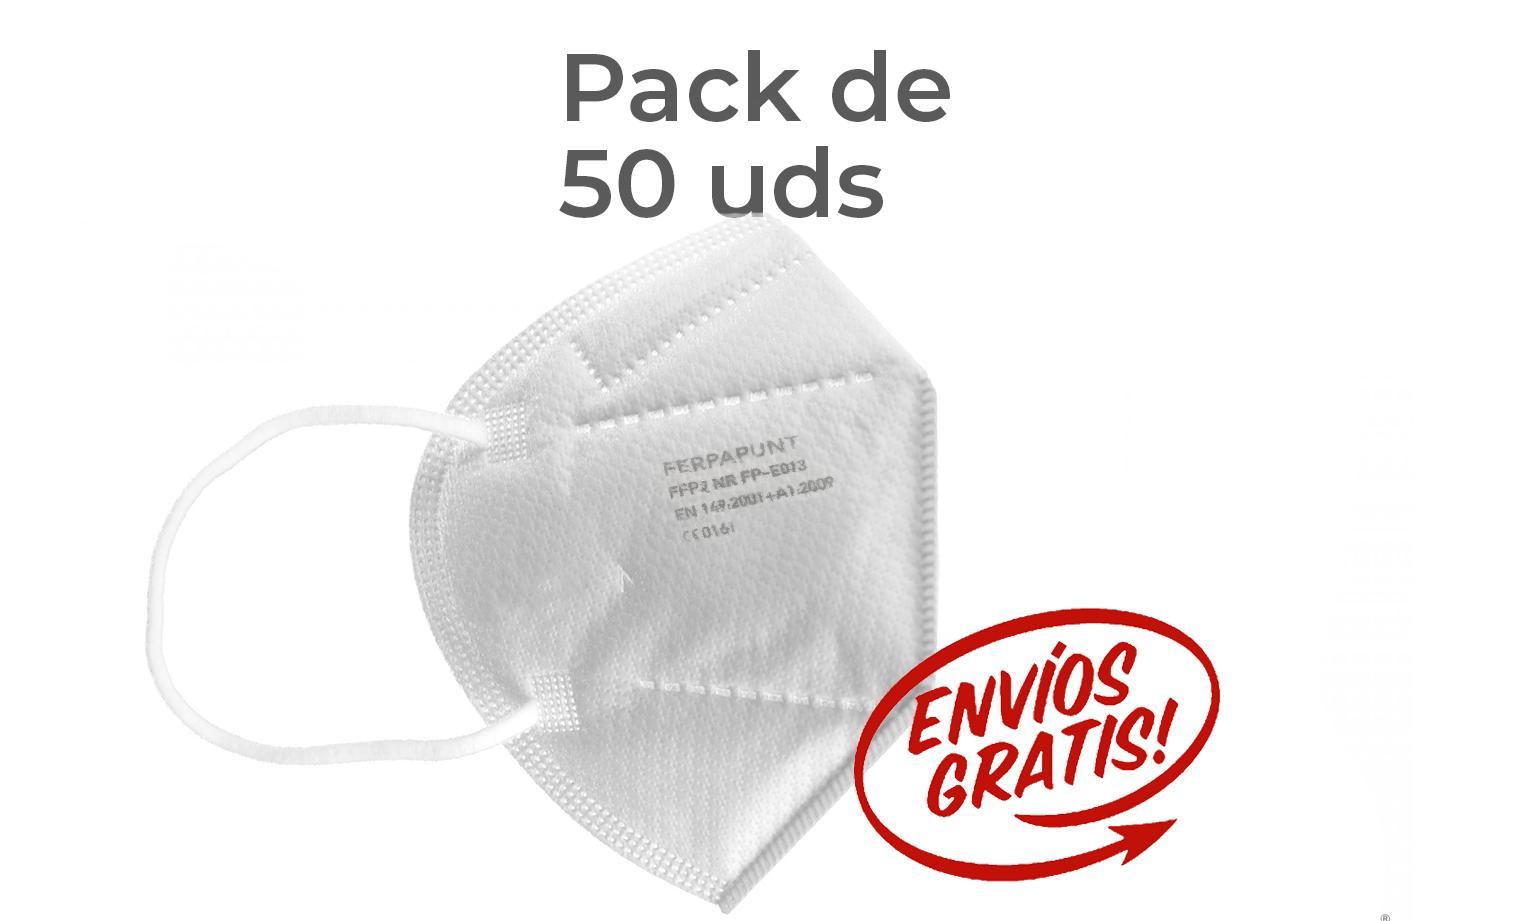 FFP2 NR Ferpa Punt Pack 50 *PORTES GRATIS*